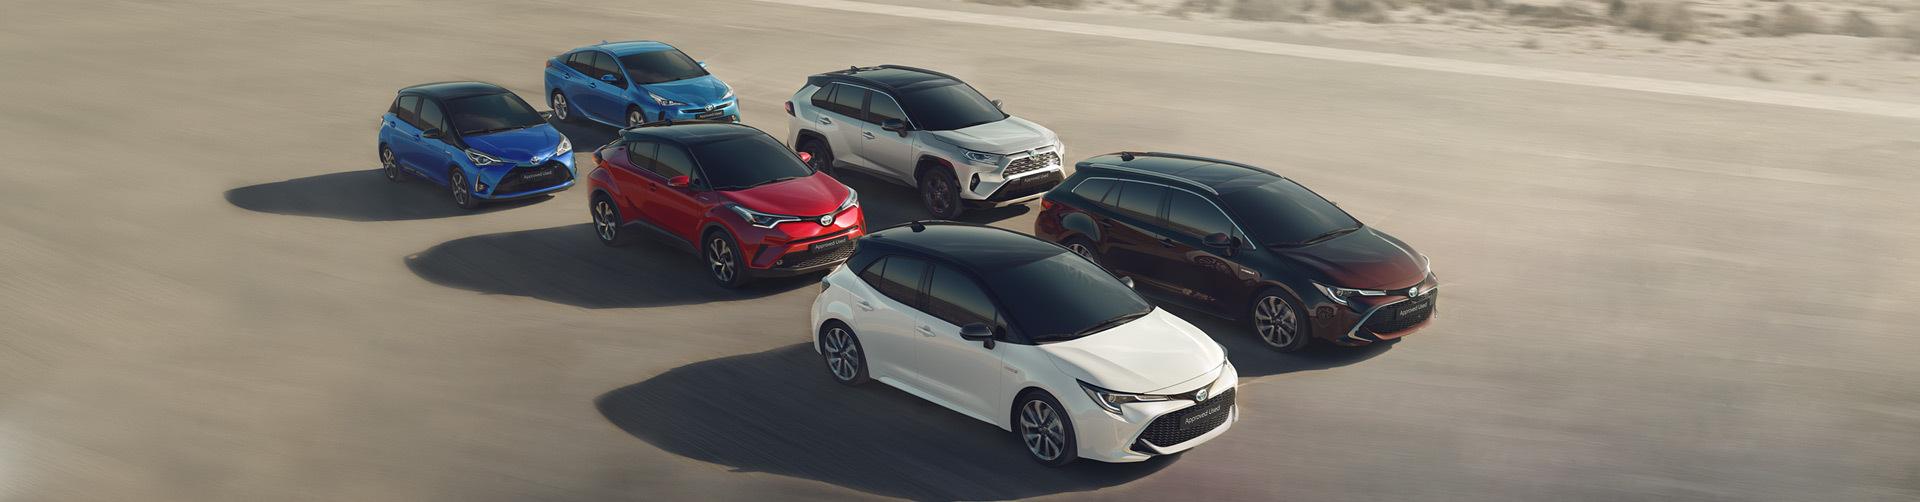 Gama de vehículos híbridos Toyota de segunda mano y ocasión